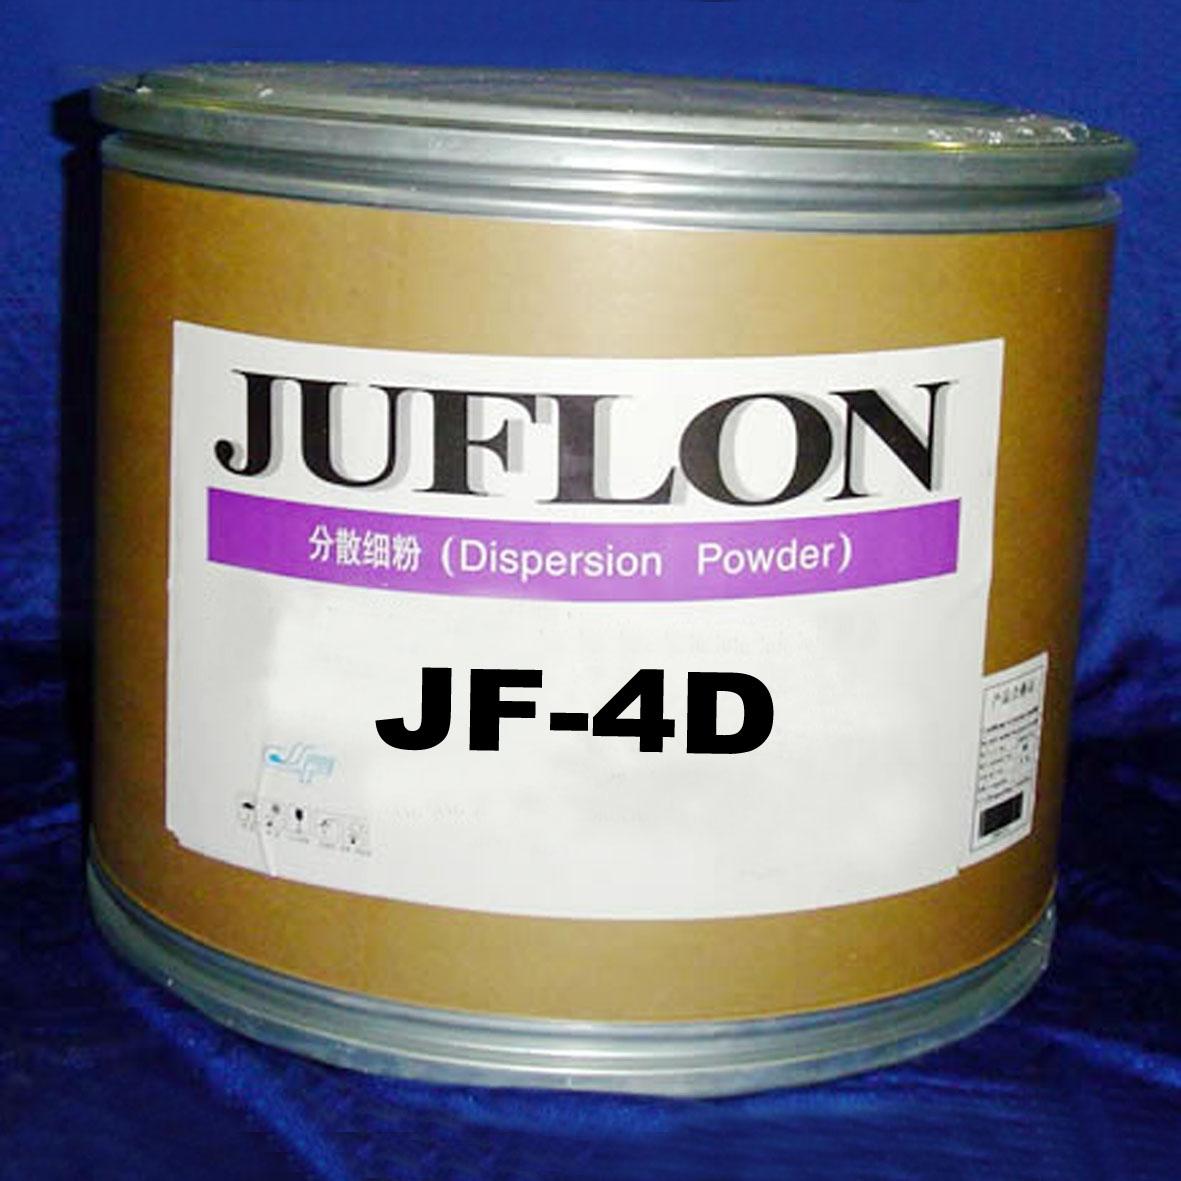 聚四氟乙烯分散细粉树脂 ( JF-4D)